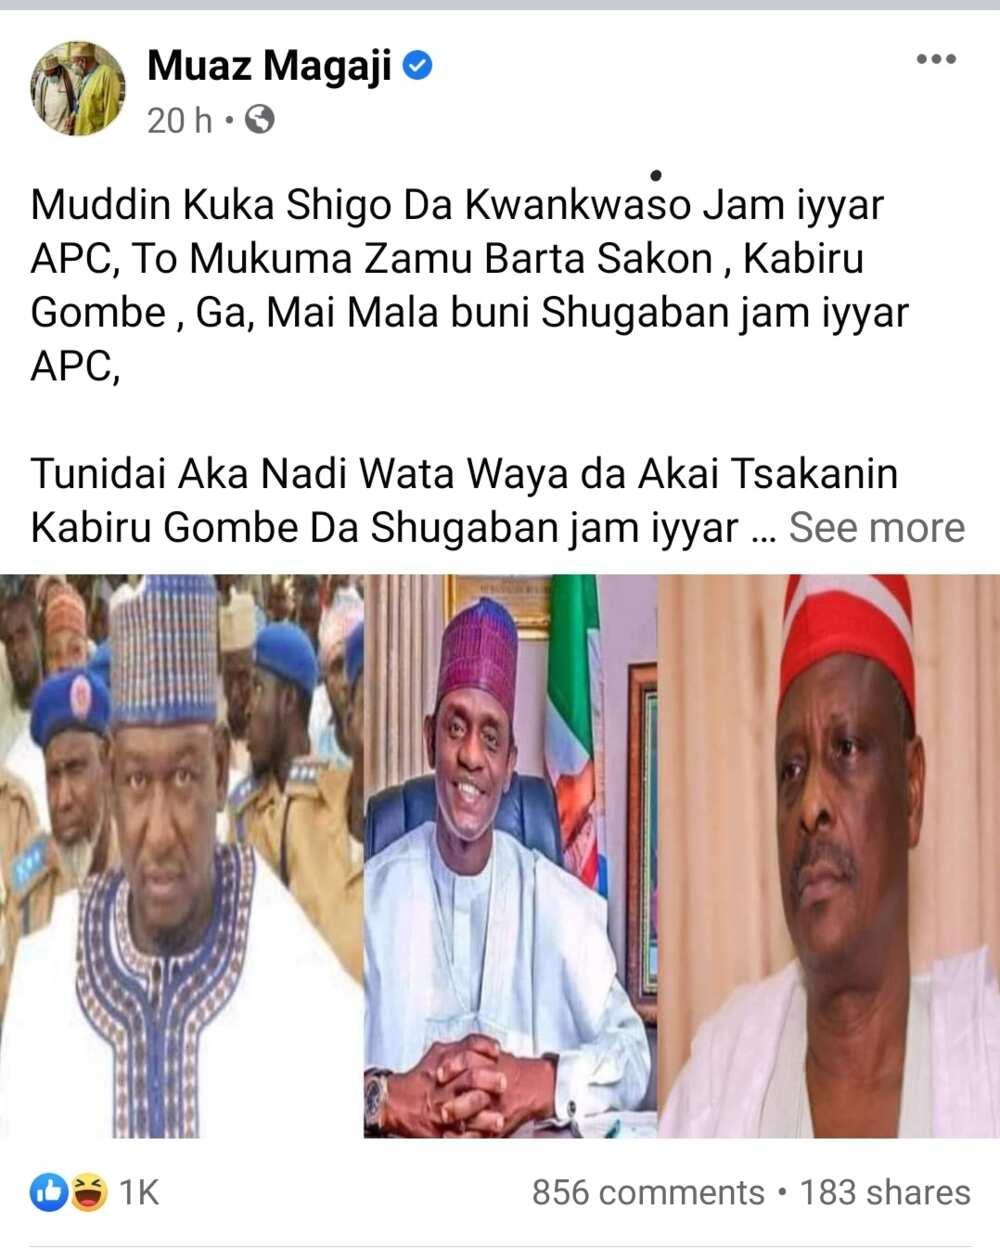 Sheikh Kabir Gombe yayi barazanar shigar Muazu Magaji kotu kan kiransa dan APC